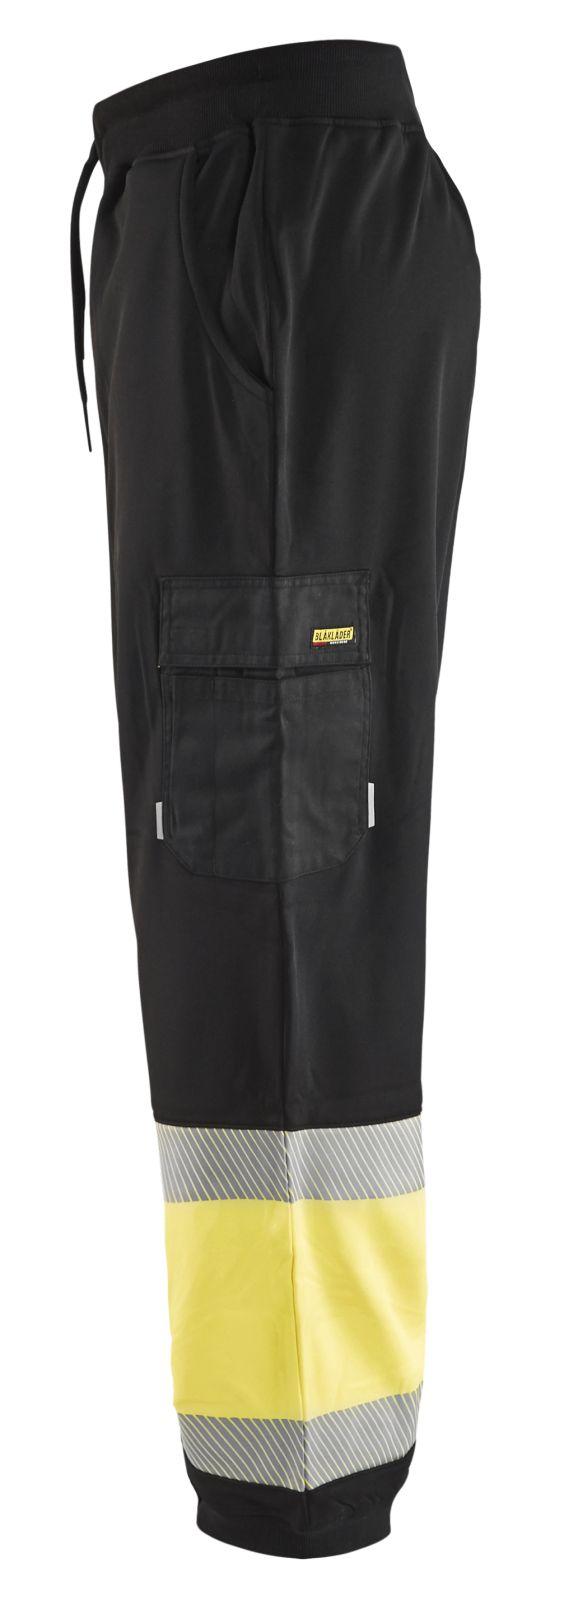 Blaklader Sweatbroeken 15492526 High Vis zwart-fluo geel(9933)